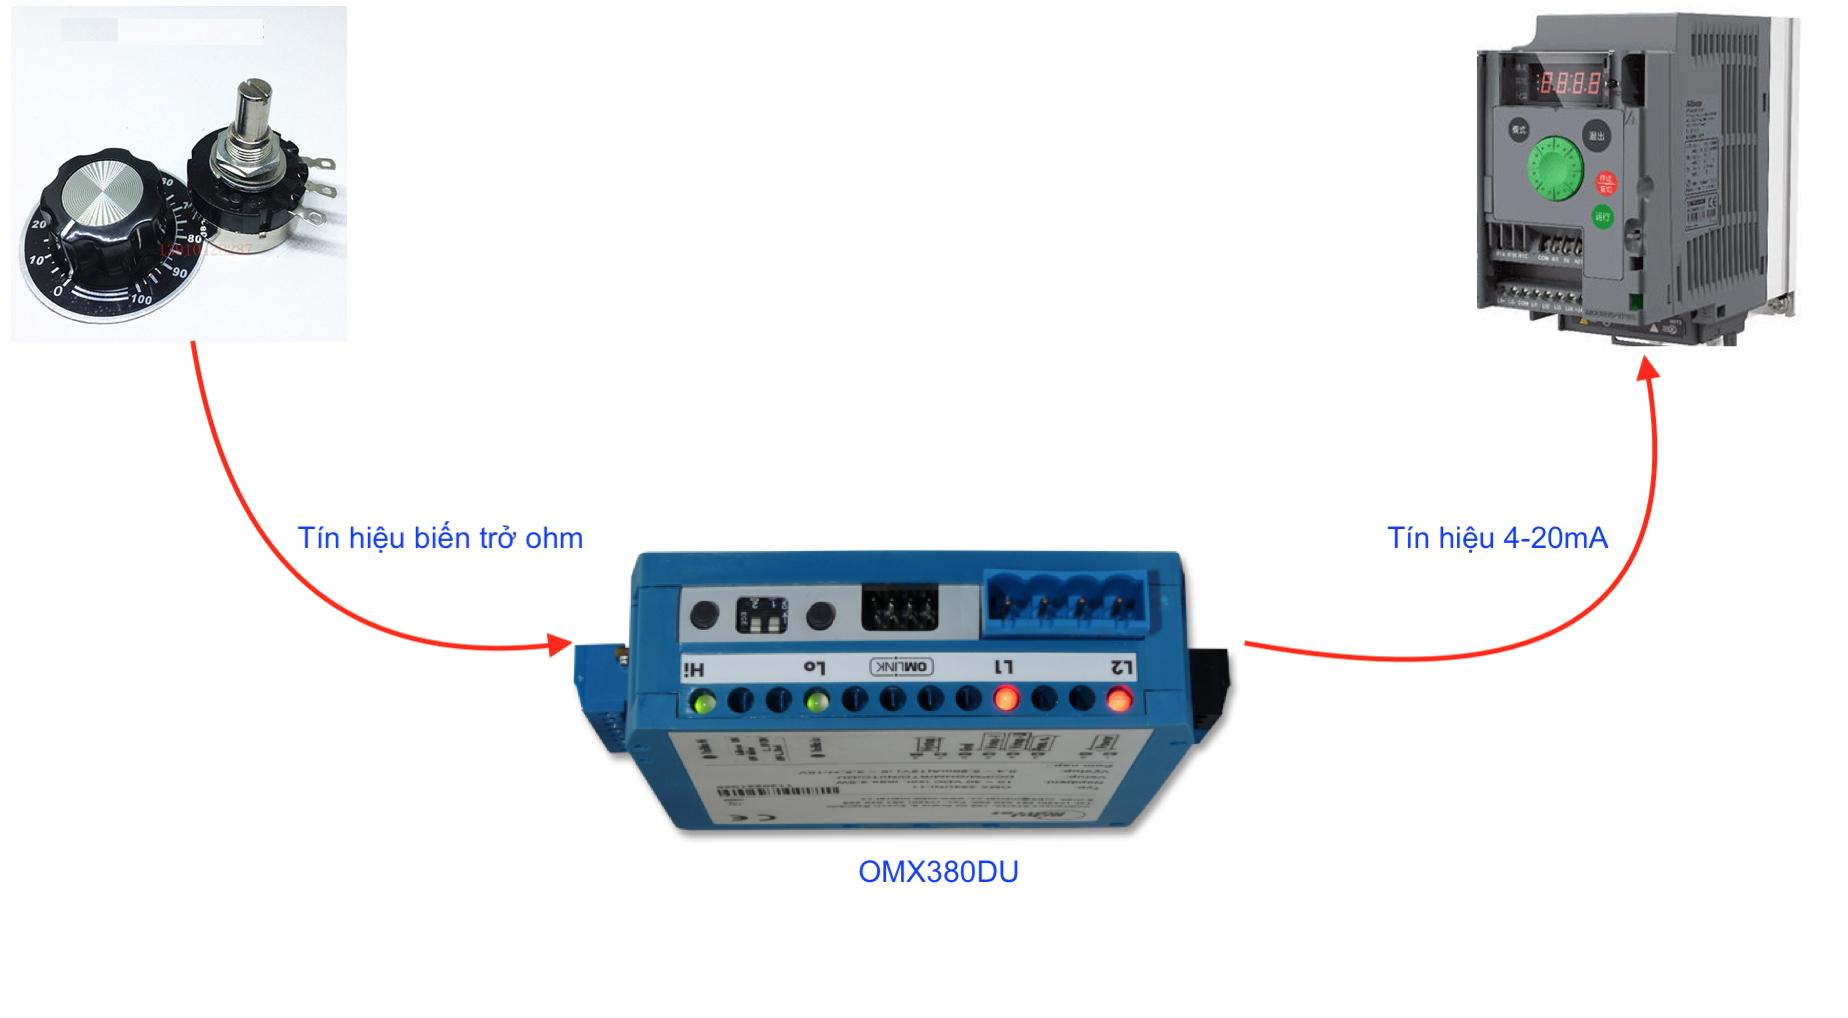 Ứng dụng bộ chuyển biến trở sang 4-20mA